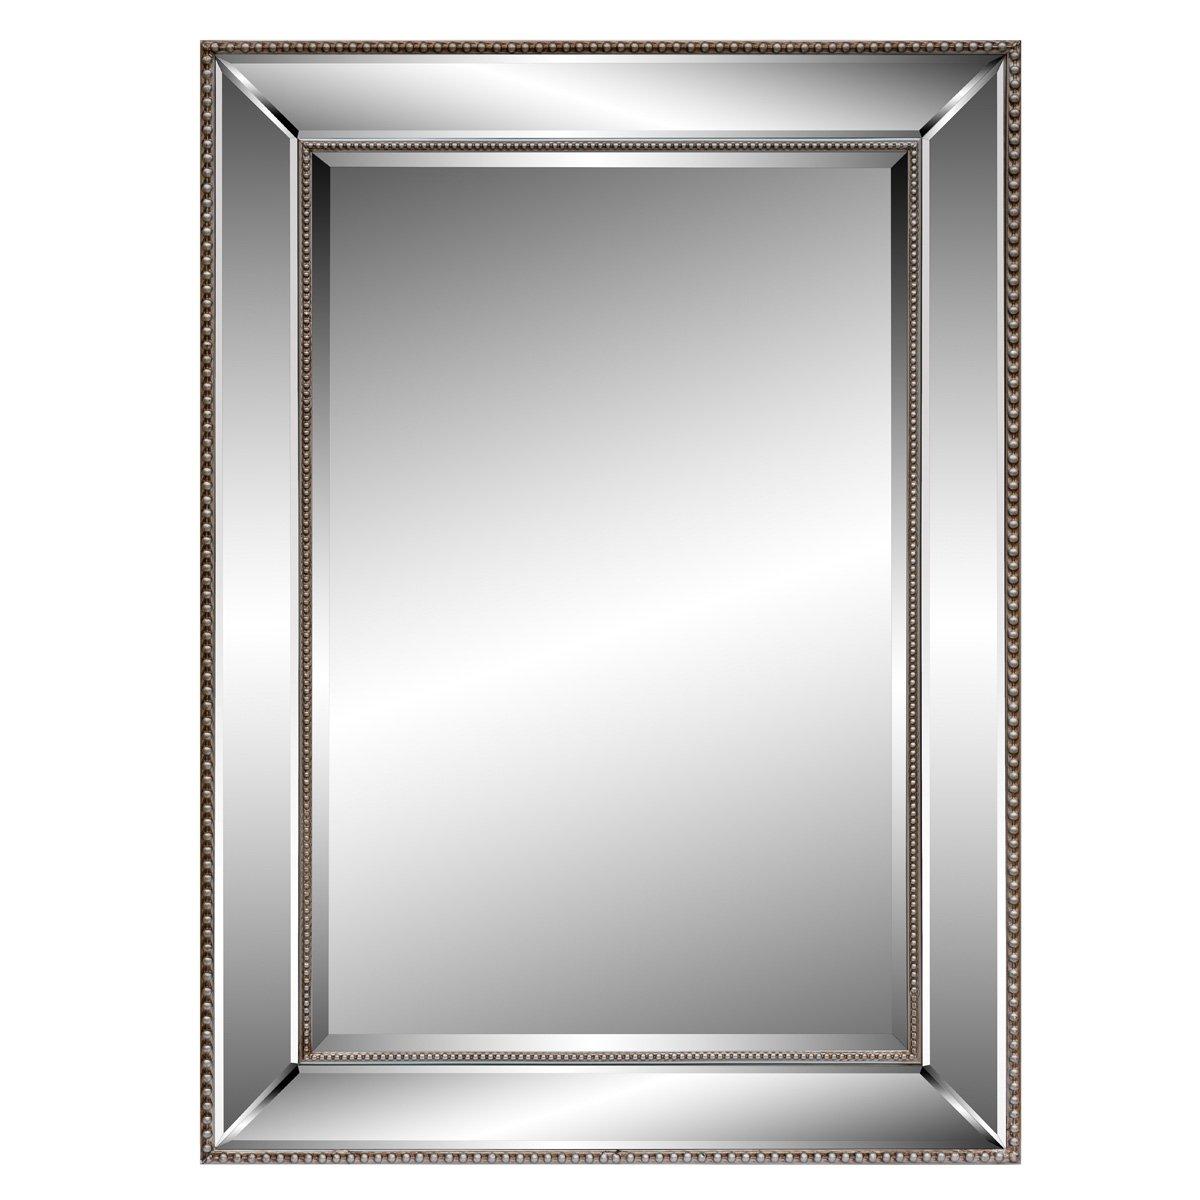 Espejo home nature marco plateado sears com mx me - Espejos marco plateado ...